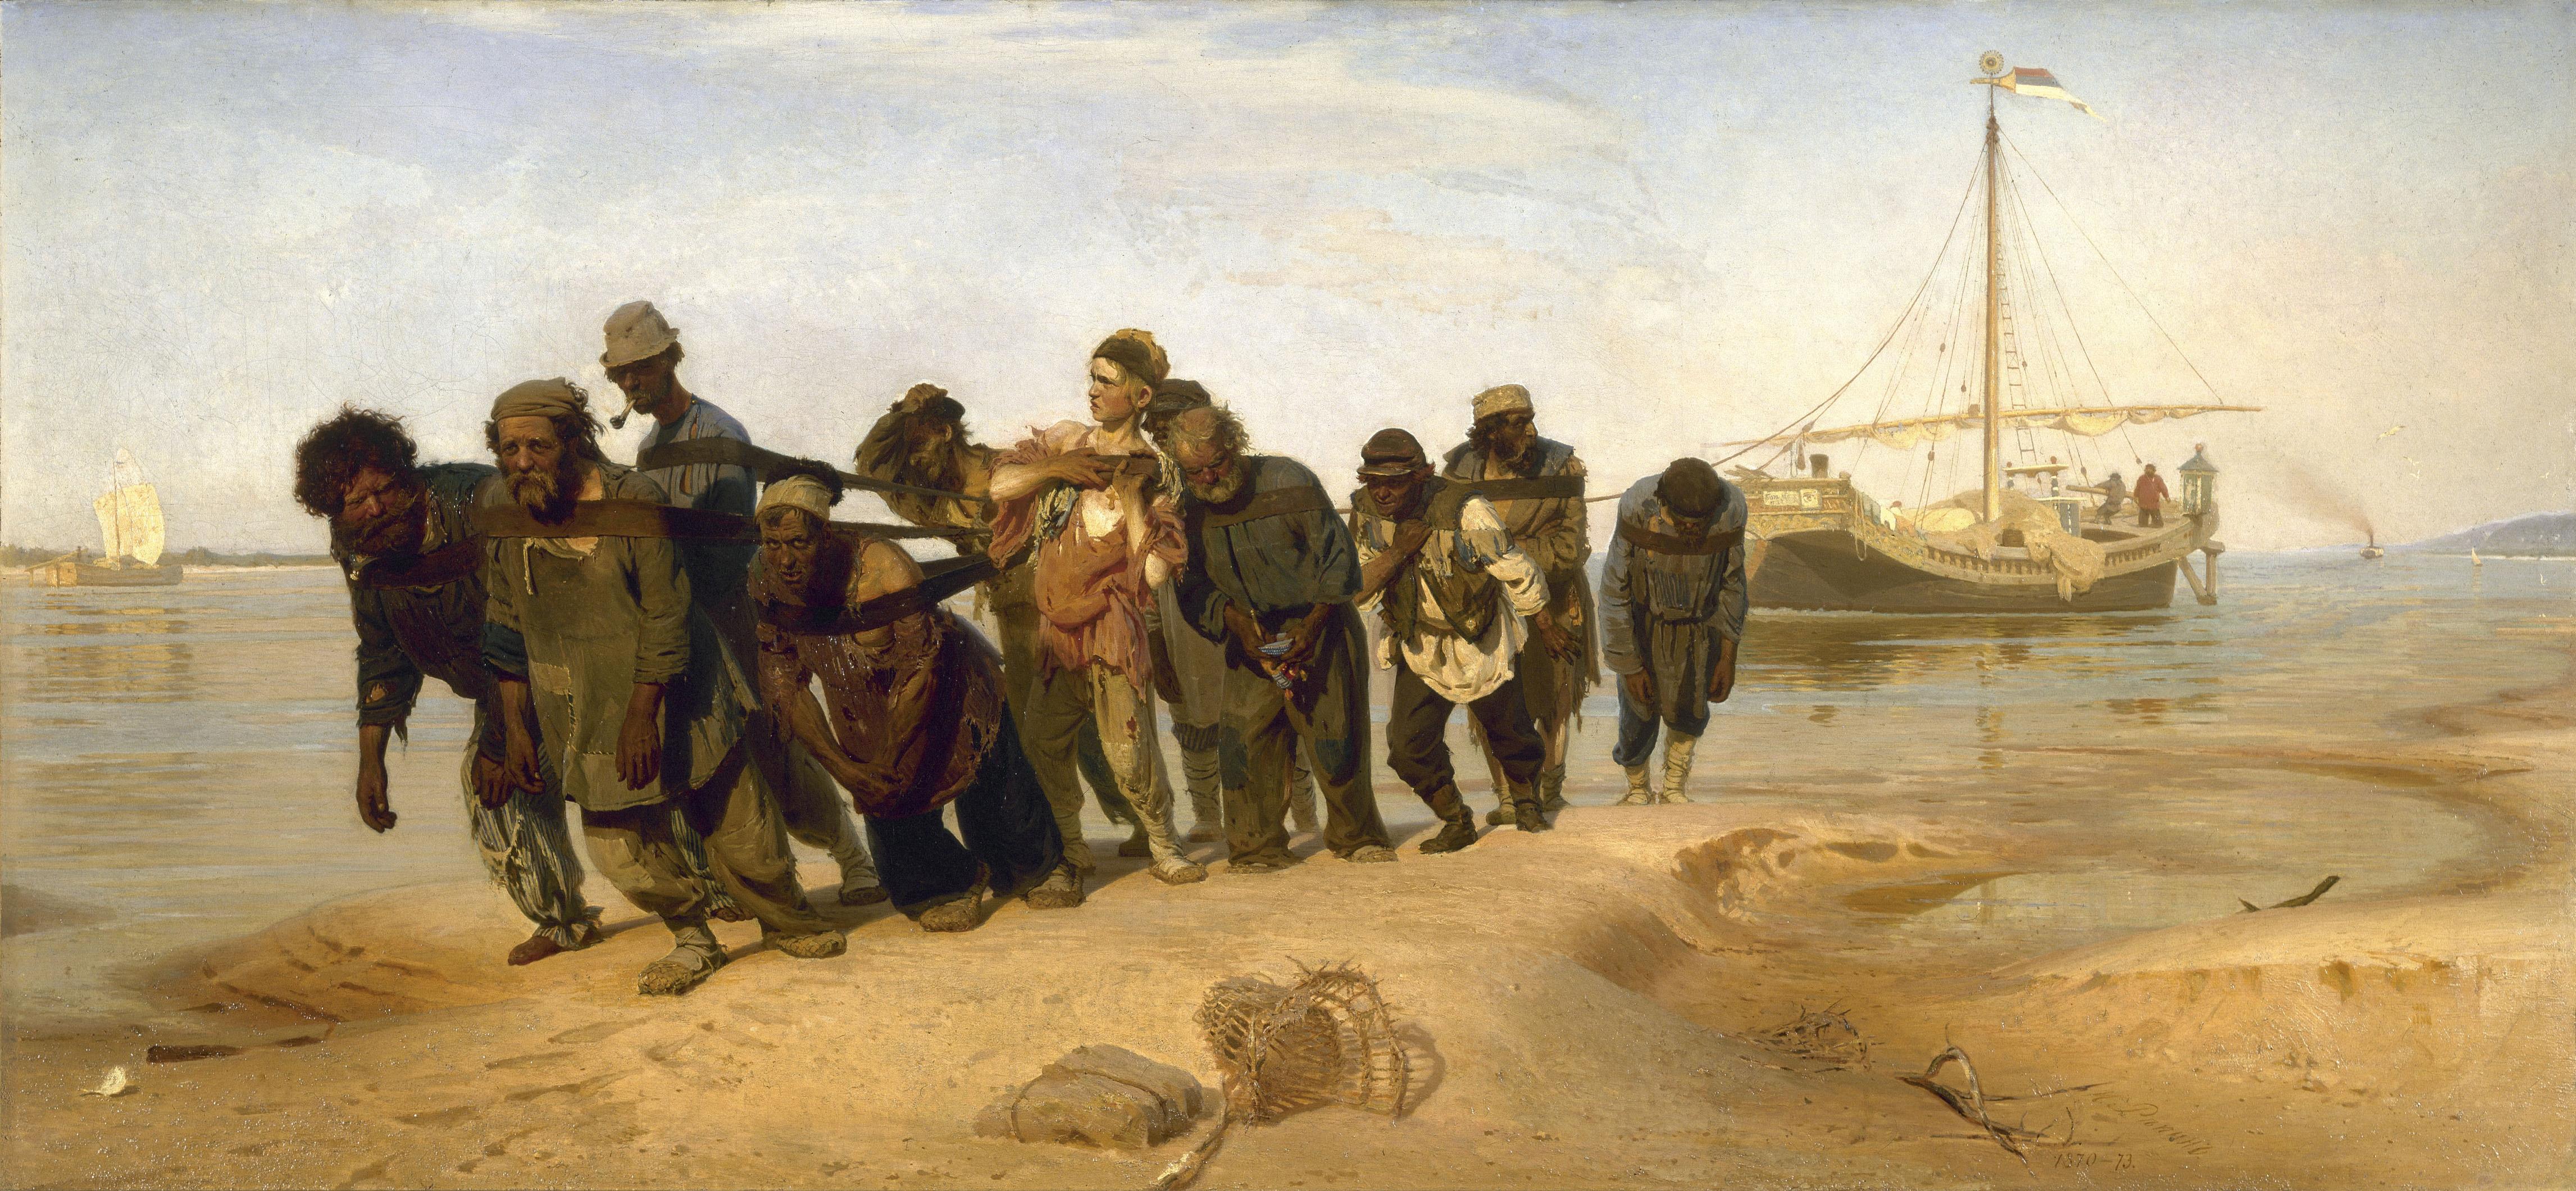 Тест художественная культура россии 19-начала 20 века тест мхк 11 класс